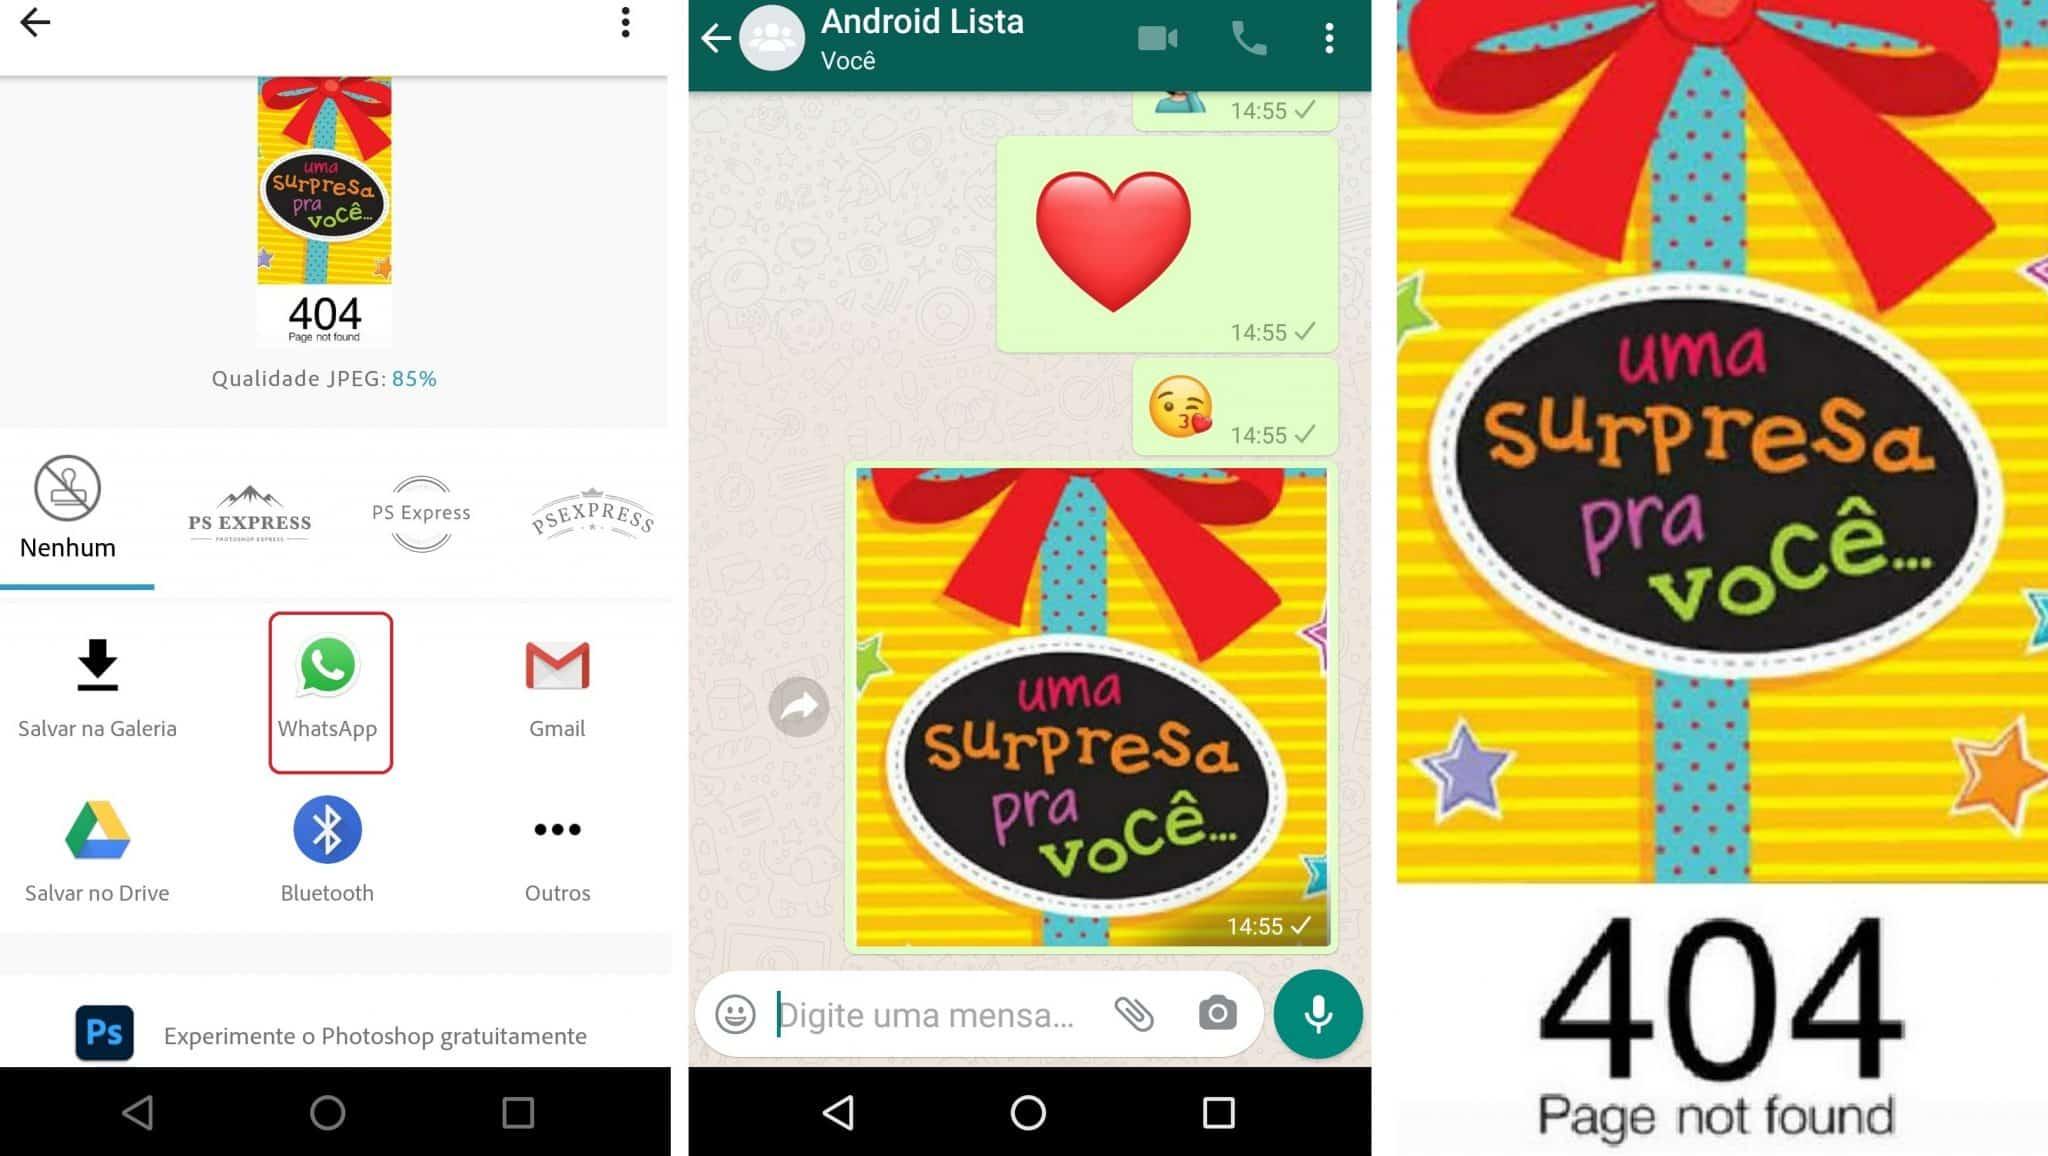 imagem 6 de Como enviar no WhatsApp imagens que mudam depois de abertas